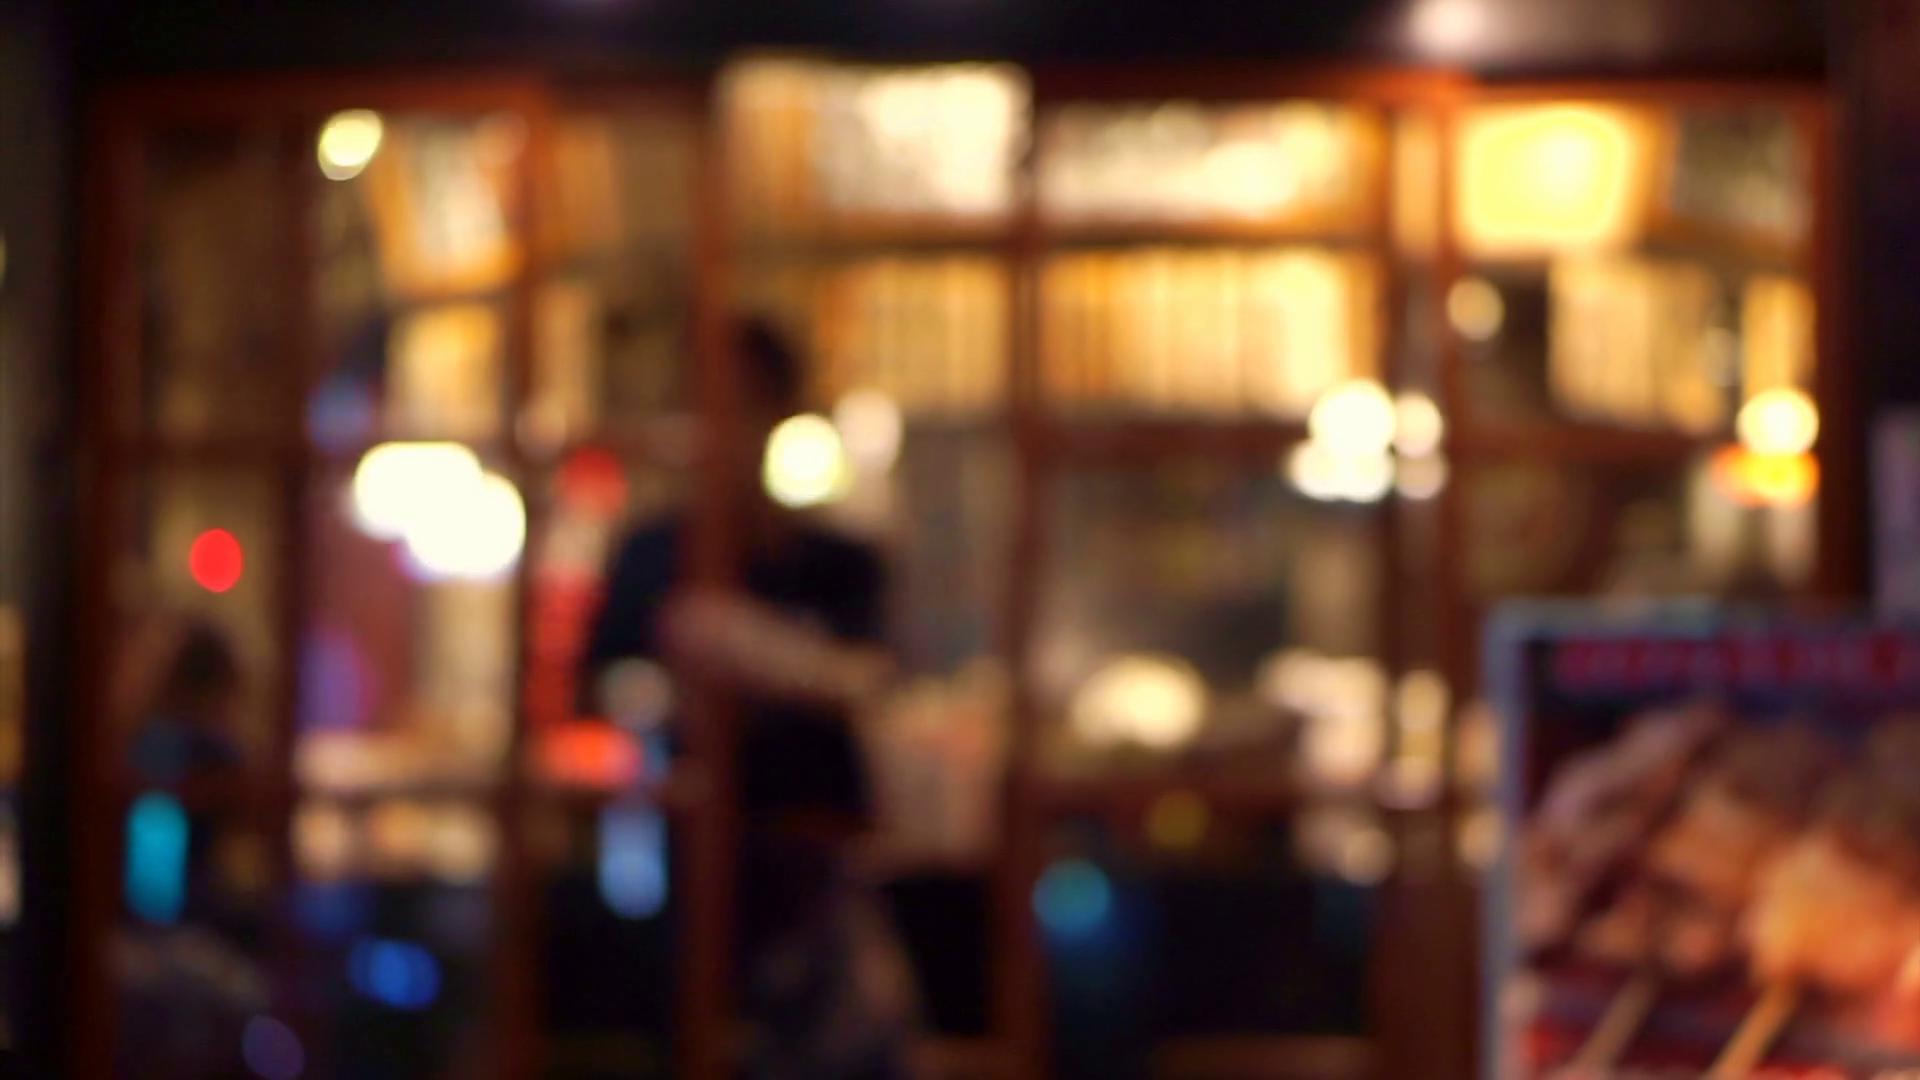 Light in pub photo